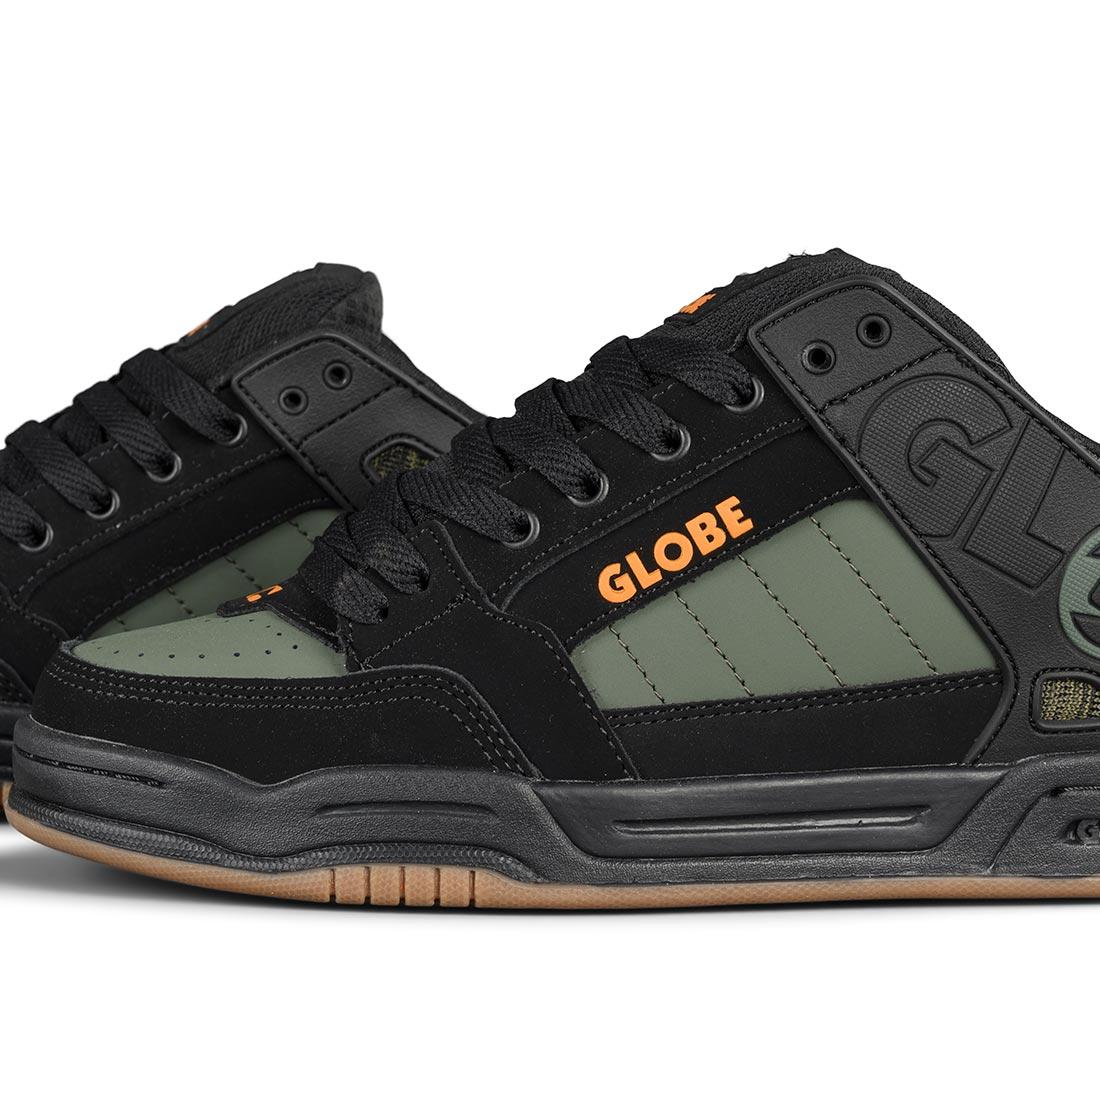 Globe Tilt Shoes - Black / Olive Knit